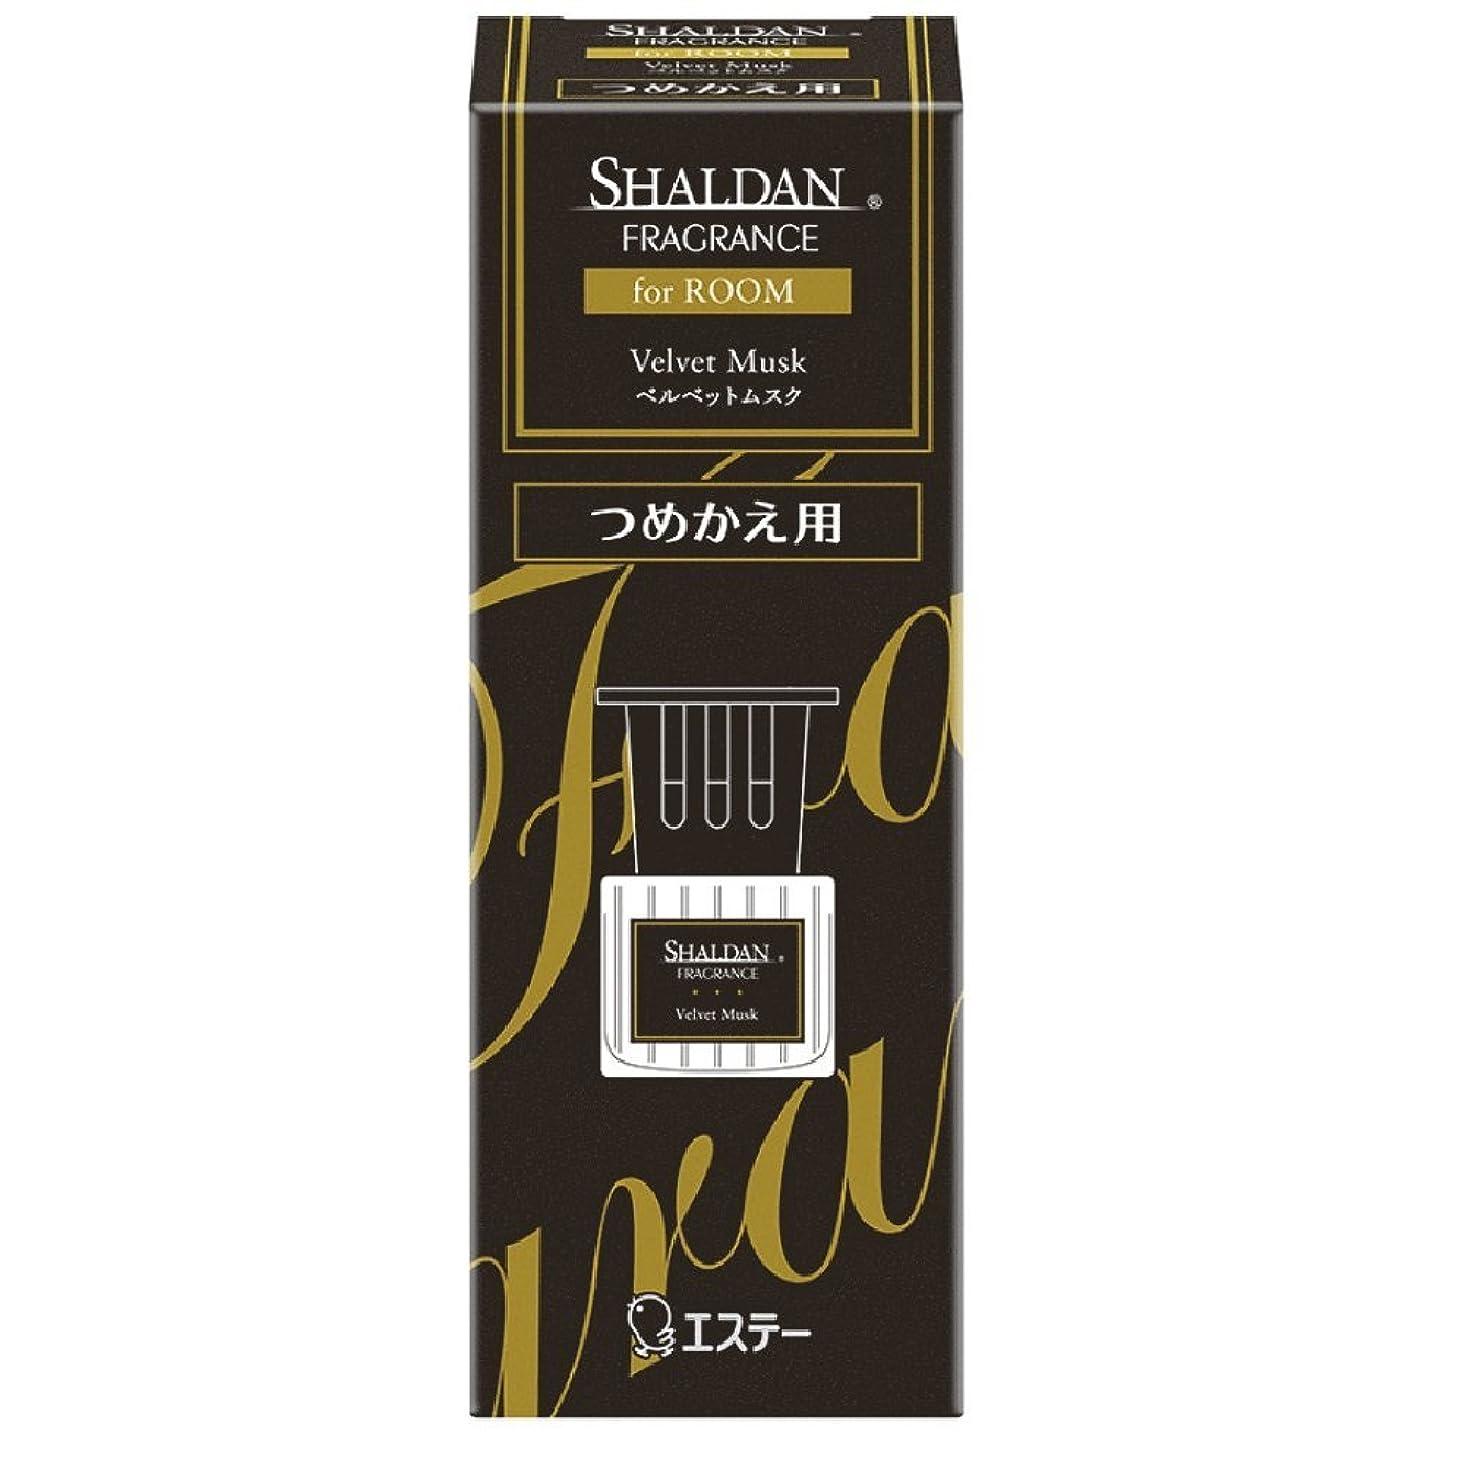 森林シネウィ大理石シャルダン SHALDAN フレグランス for ROOM 芳香剤 部屋用 部屋 つめかえ ベルベットムスク 65ml